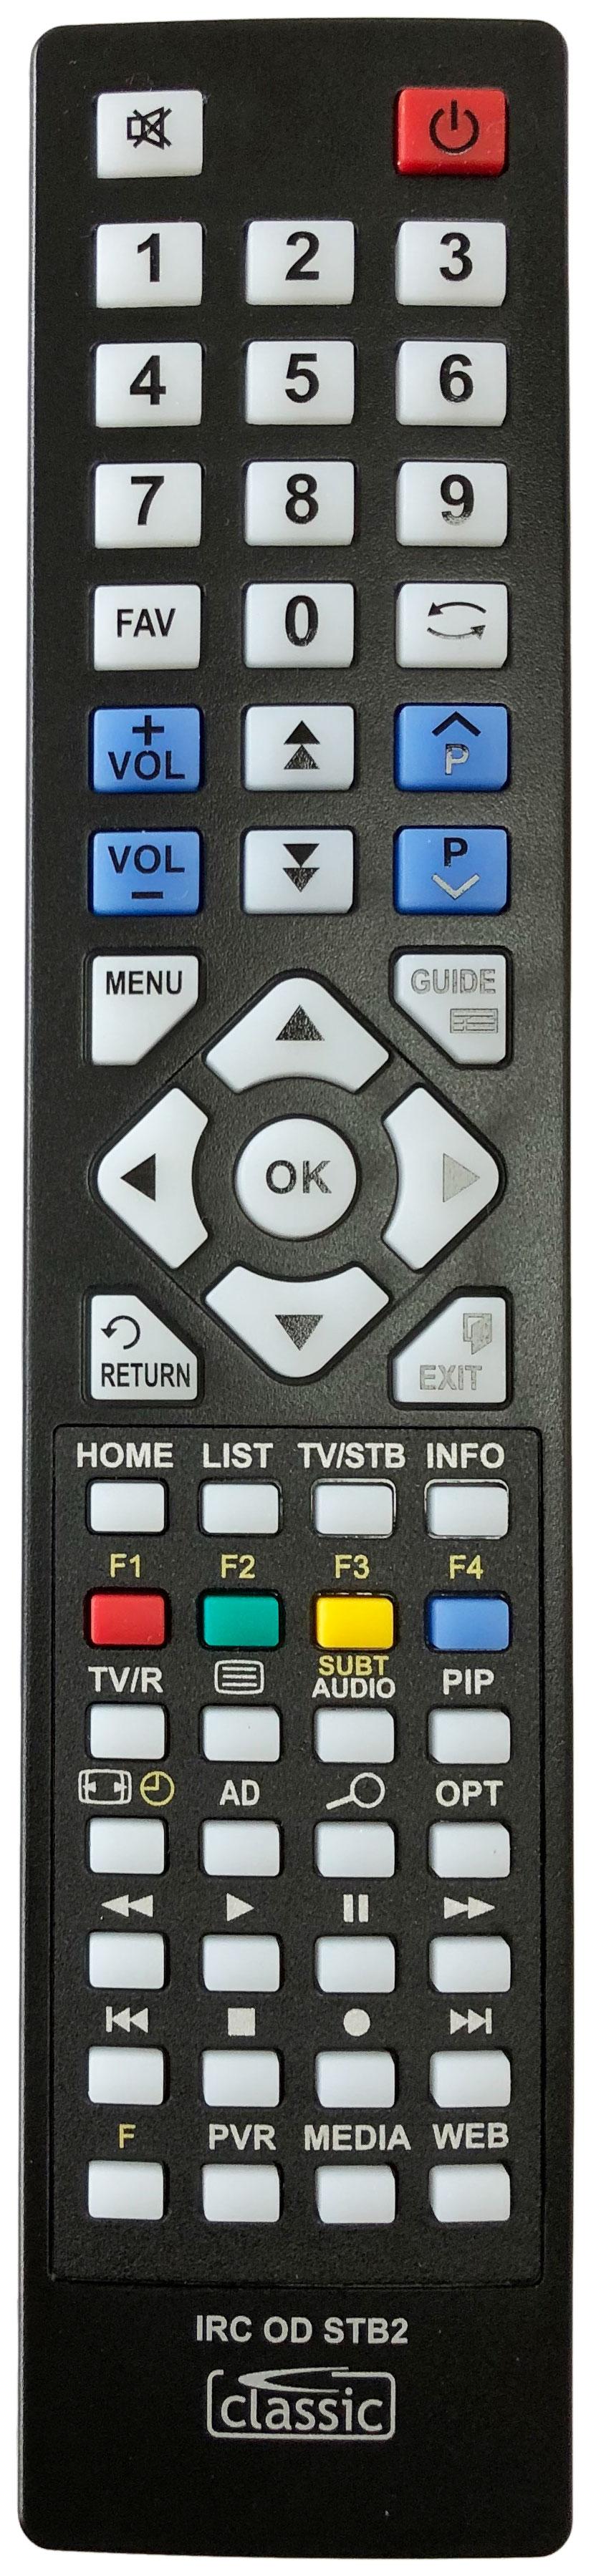 TVONICS DTR-HD500 Remote Control